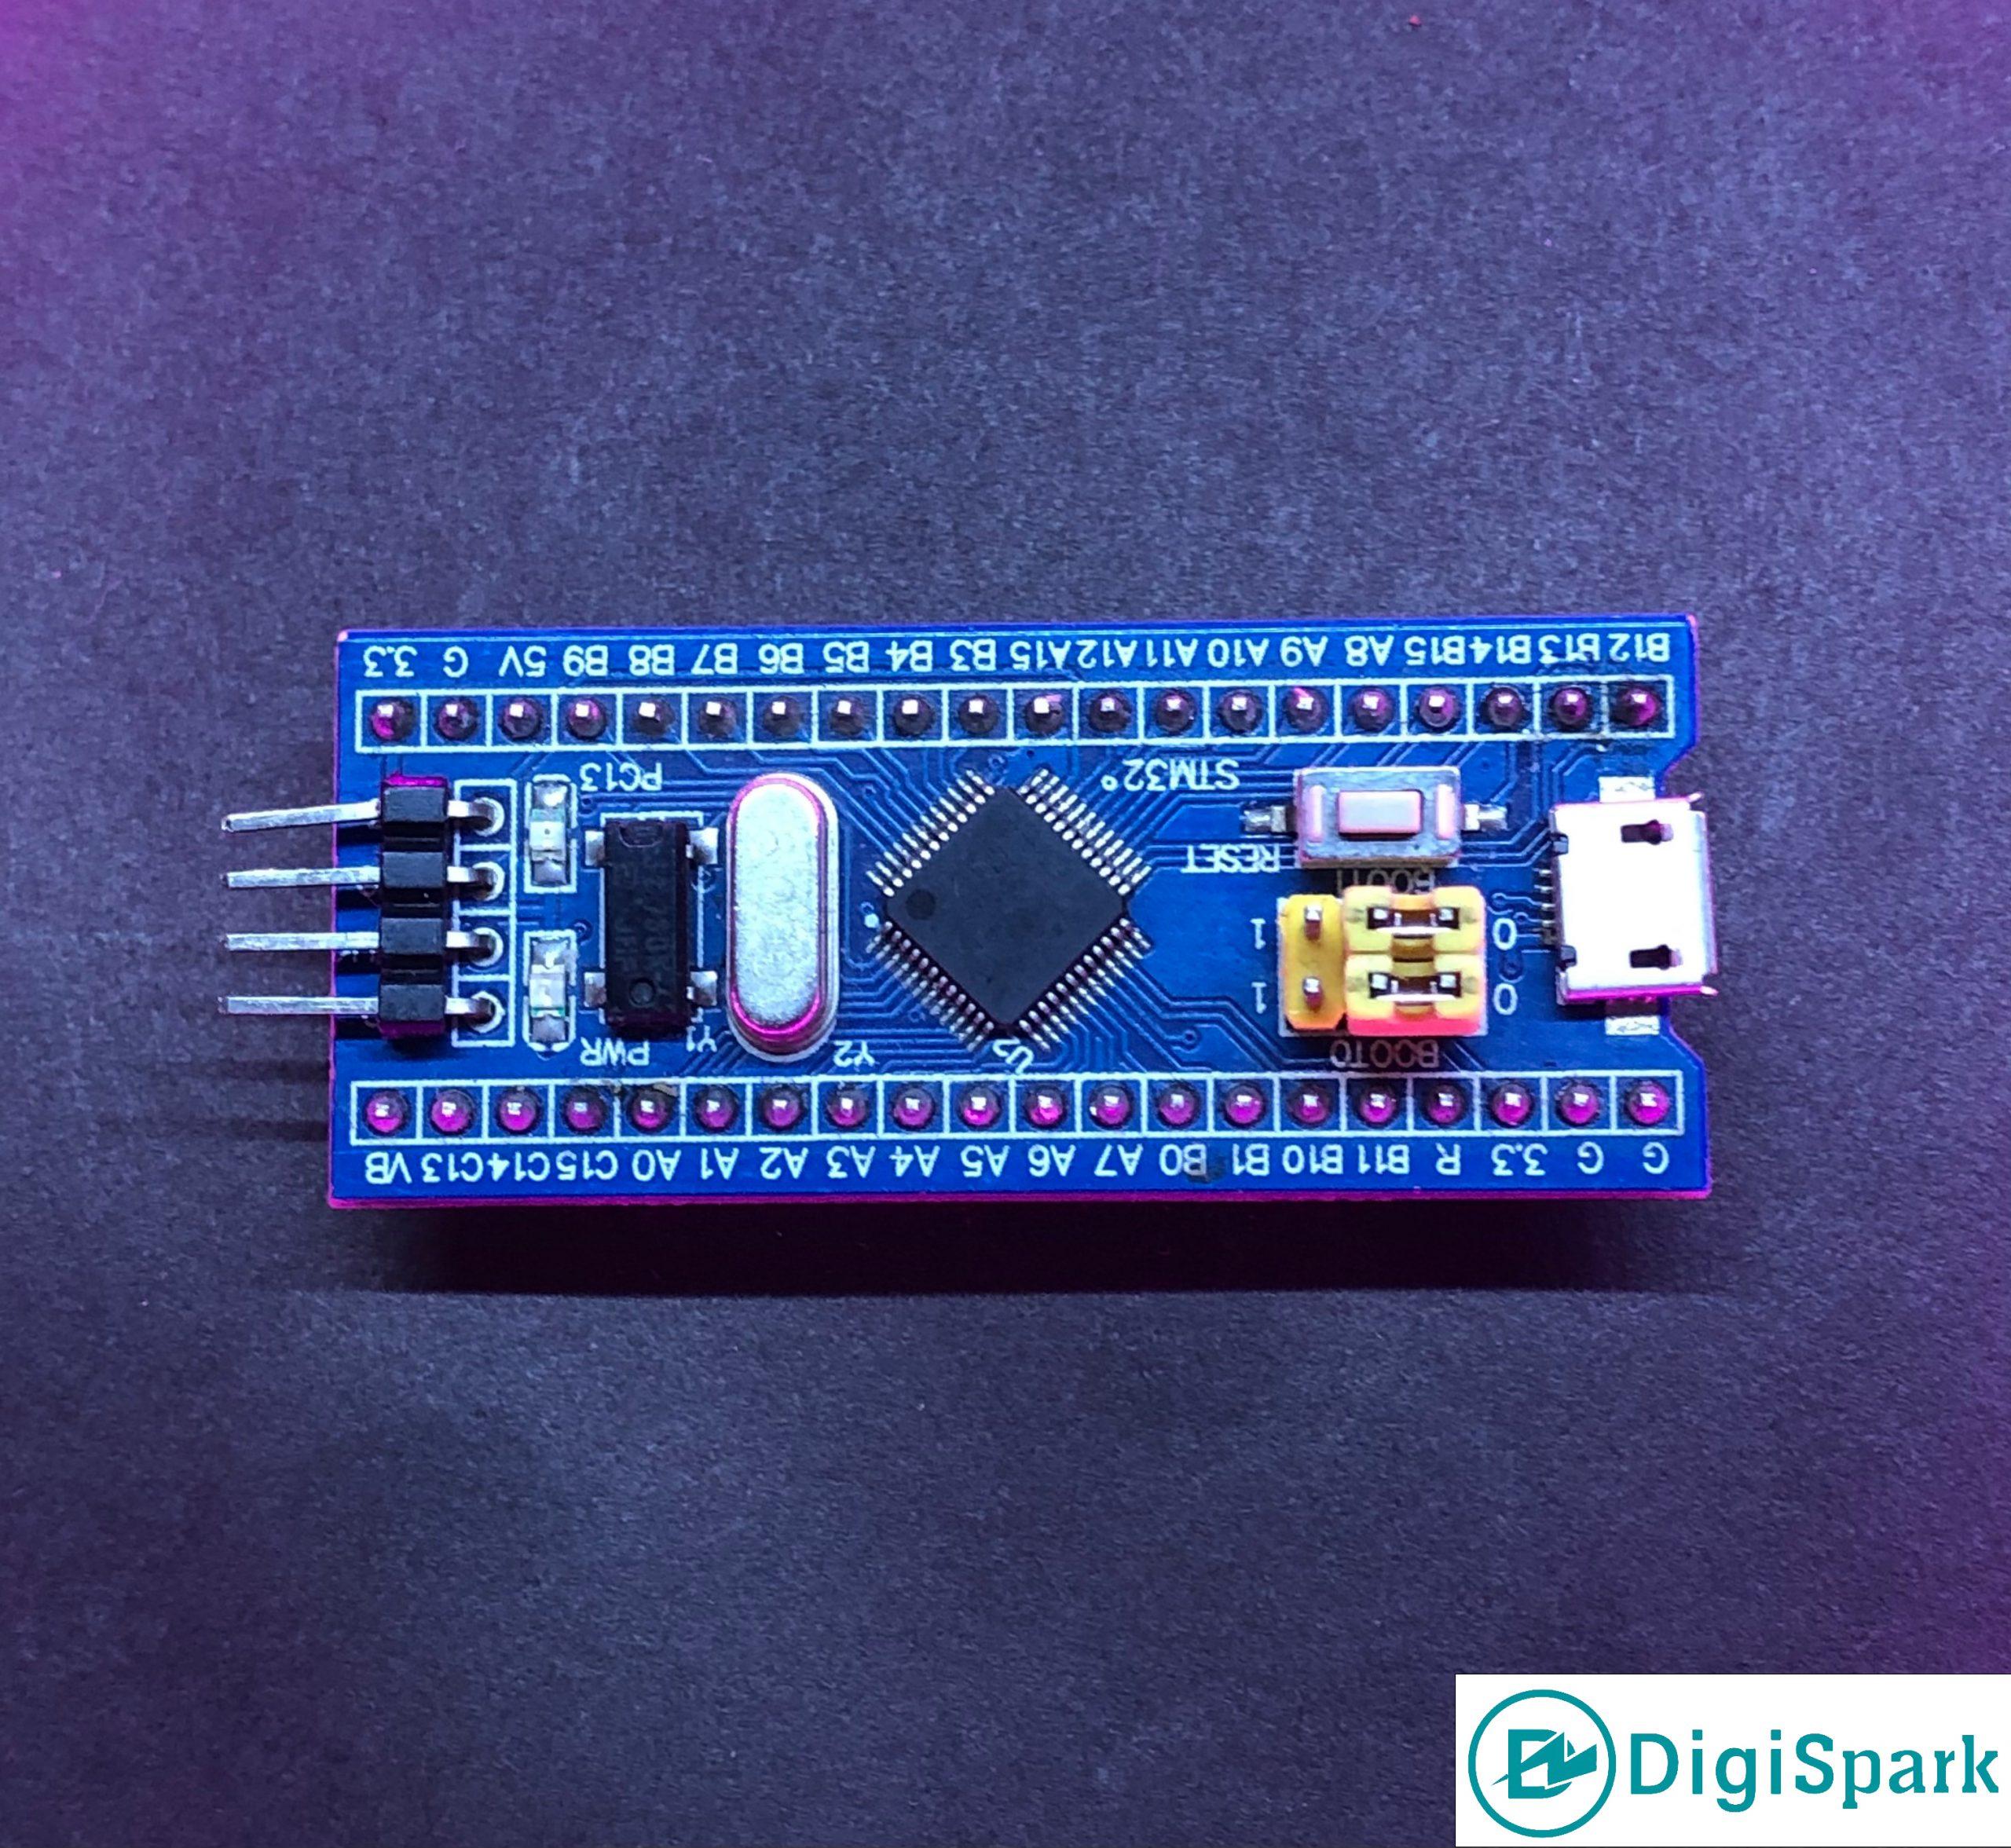 تبدیل حافظه Flash به EEPROM در برد STM32 - دیجی اسپارک